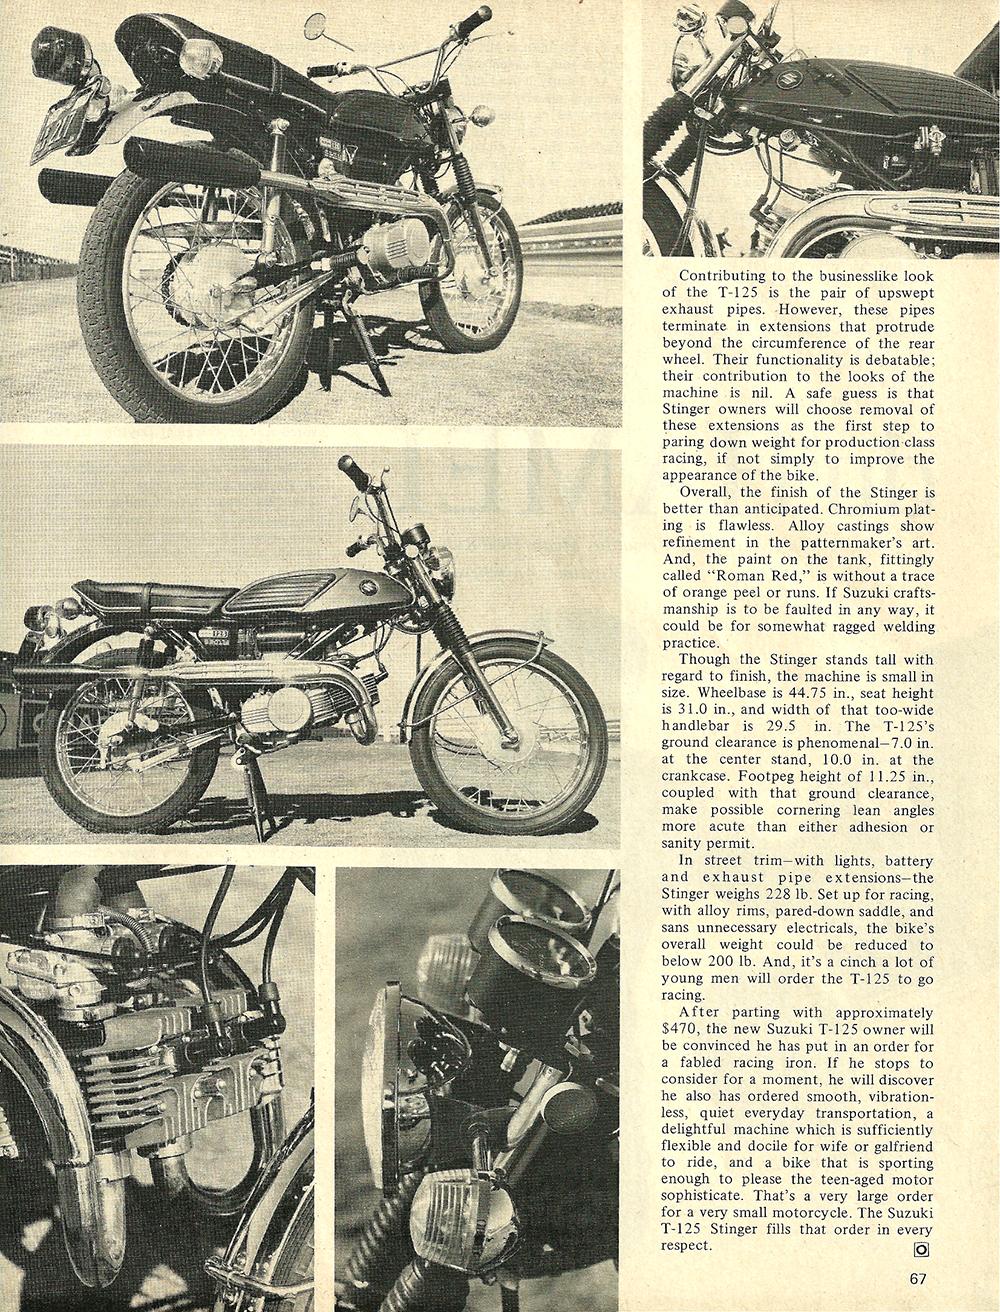 1969 Suzuki t125 stinger test 02.jpg